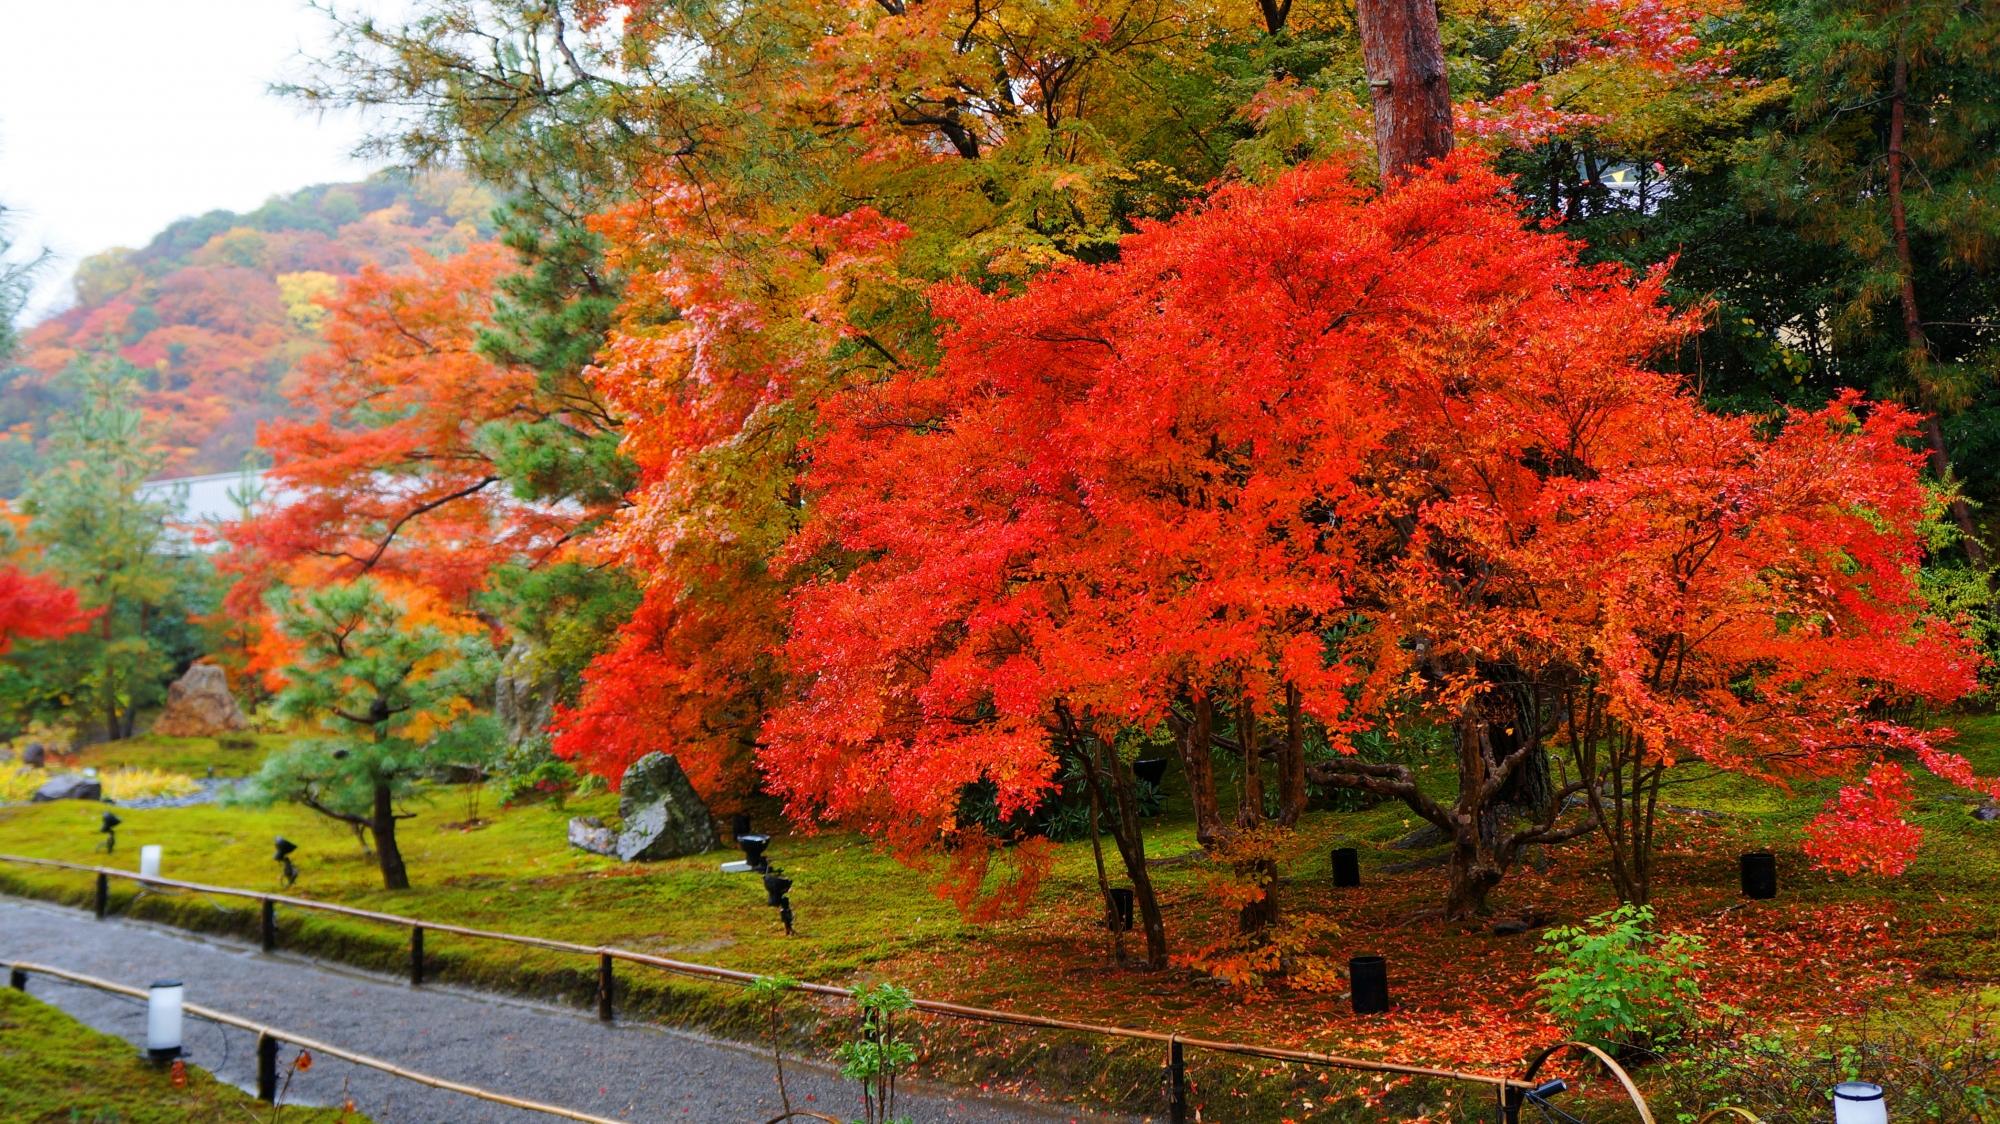 獅子吼の庭の緑の苔の上に赤く散ったドウダンツツジ